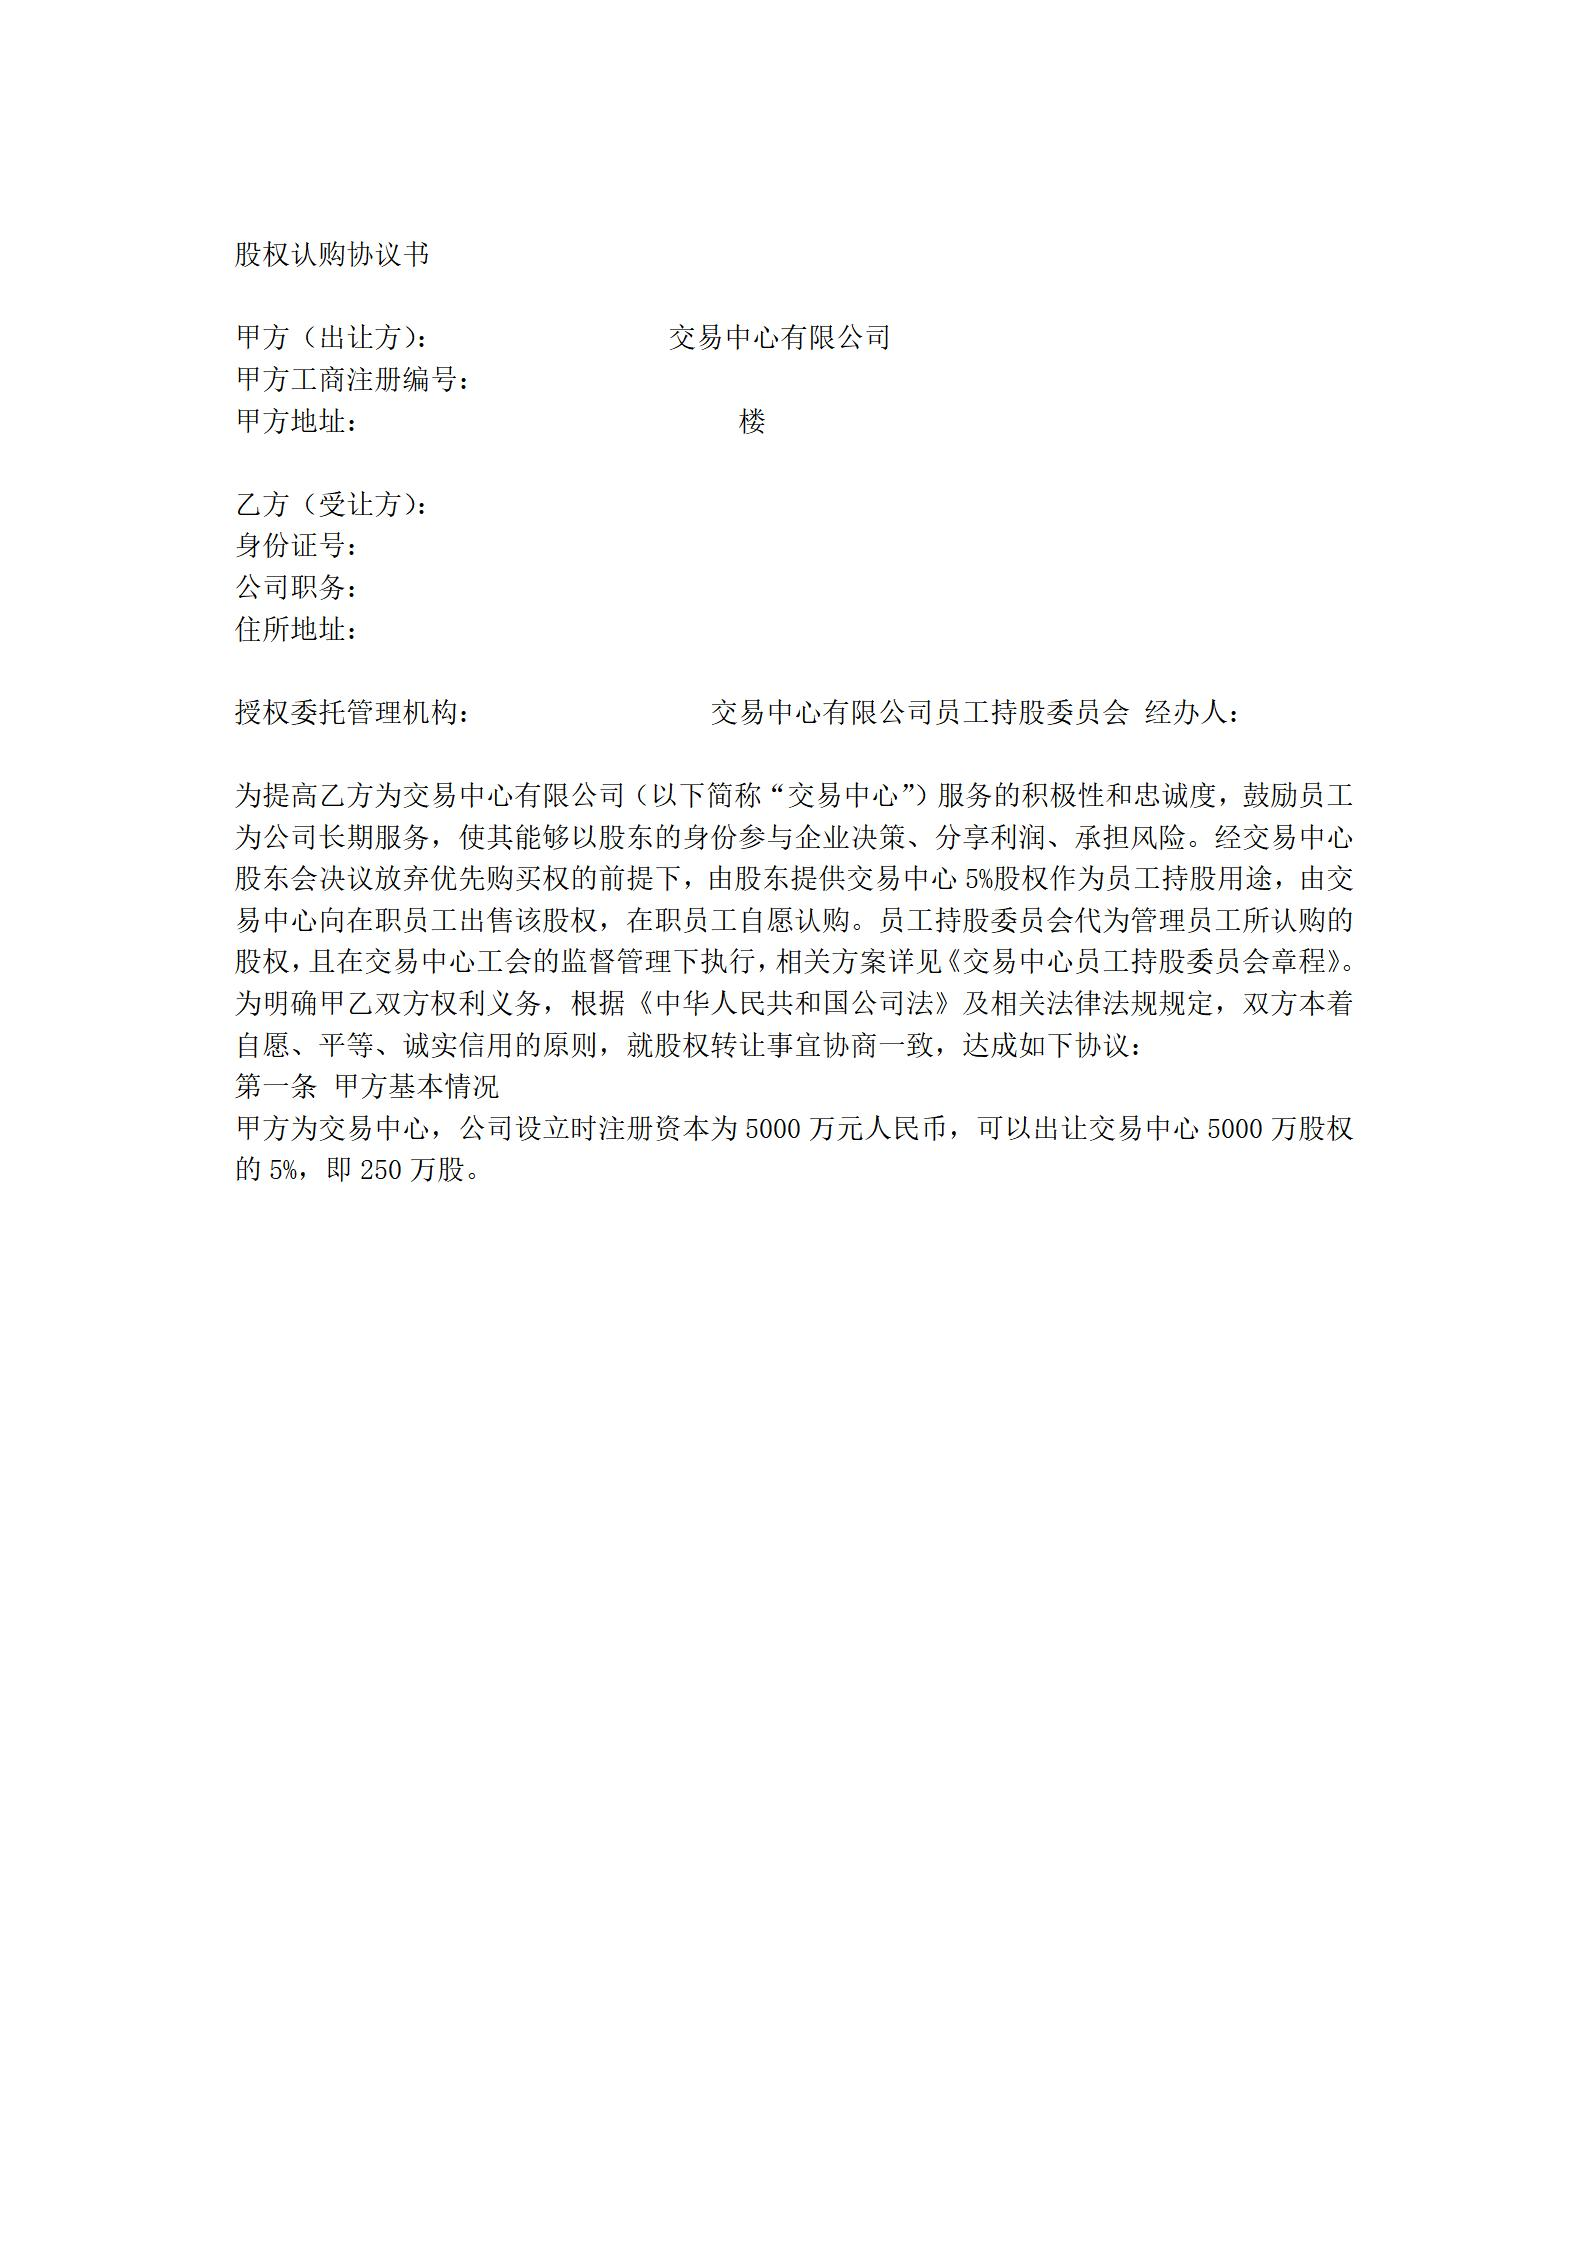 员工股权认购协议书-样式合同_01.jpg